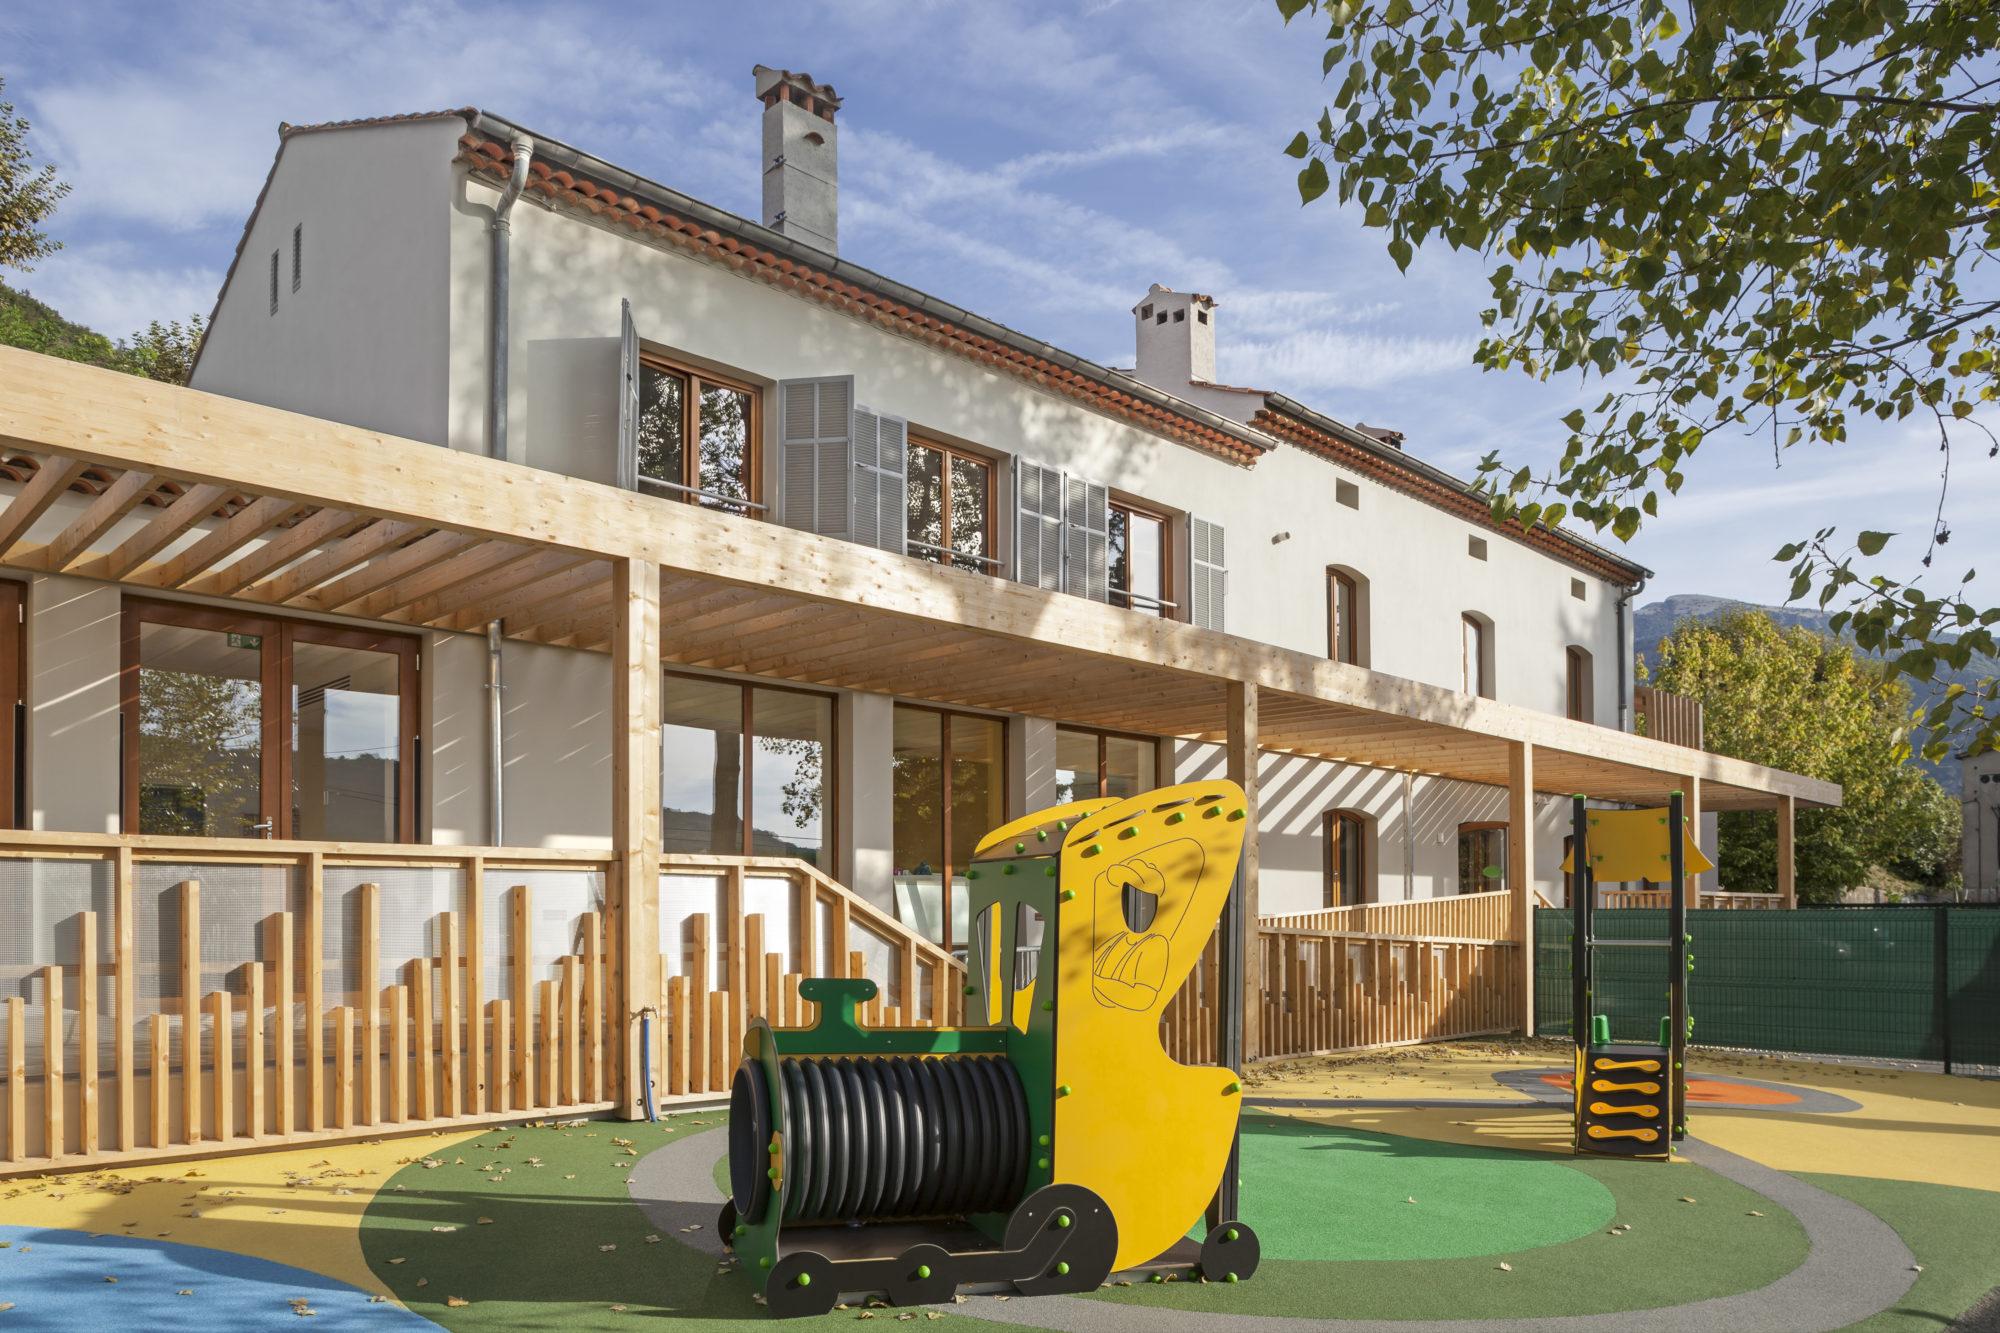 restructuration d'une ancienne gare SNCF à Bar-Sur-Loup en creche de 30 berceaux